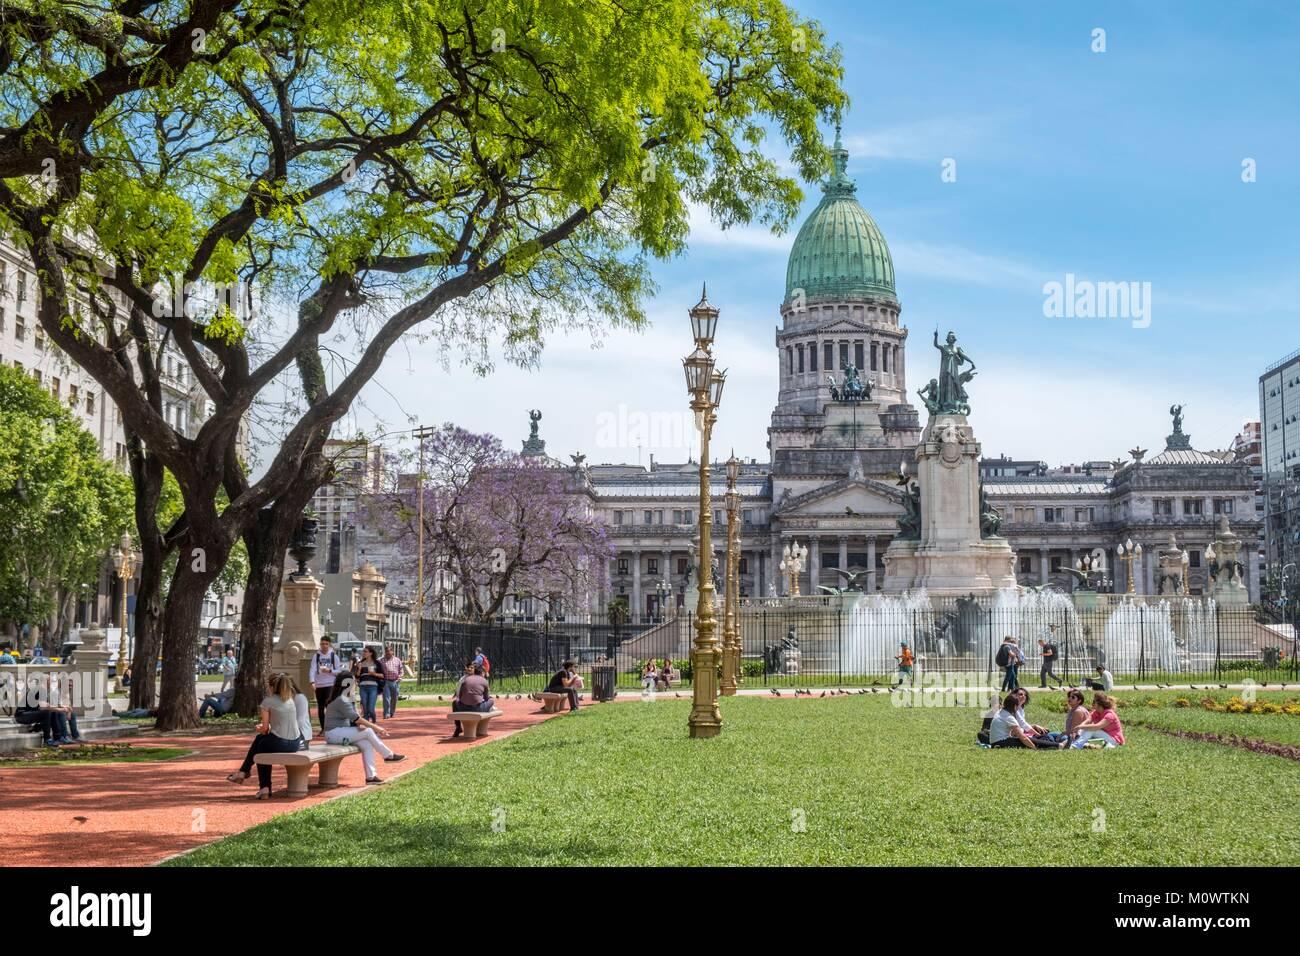 L'Argentina,provincia di Buenos Aires,Buenos Aires,Plaza Congreso,Palacio del Congreso Immagini Stock